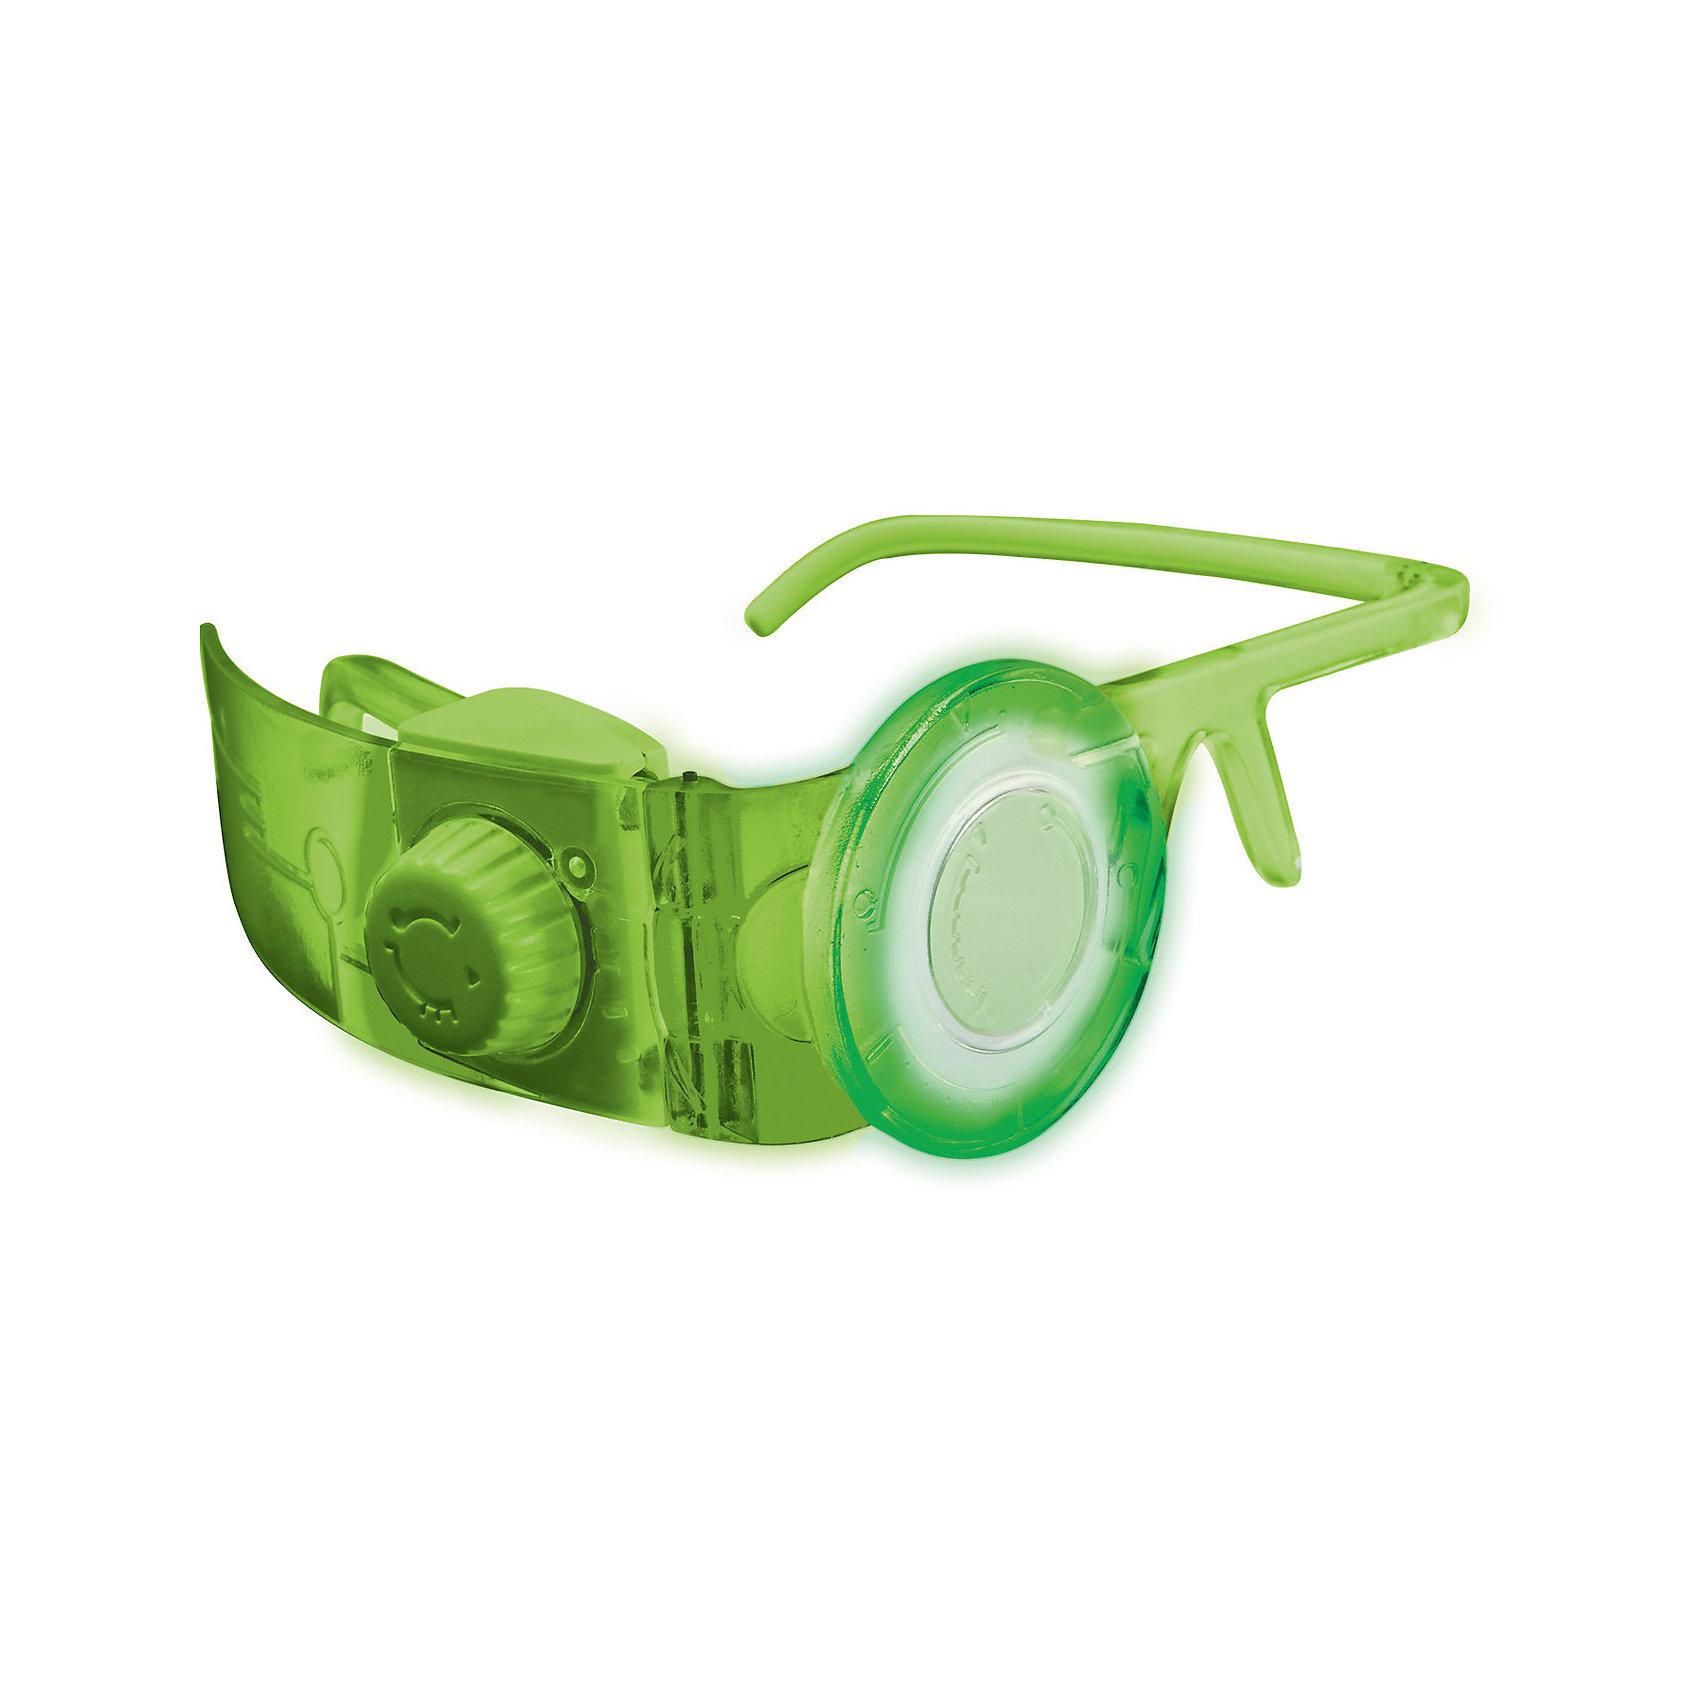 Спектральные очки, MILESСпектральные очки, которые носят герои мультика Майлз с другой планеты, совершенно необходимы при путешествиях к далеким звездам. Они дают владельцу информацию об окружающем мире, энергетических уровнях и других важных вещах. Спектроочки меняют цвет - переключатель расположен сбоку. Всего возможно 3 разных подсветки: зеленая, голубая и красная. При этом, меняются и оптические эффекты. Очки отлично подойдут детям, они надежно закрепляются и выполнены из высококачественных материалов.<br><br>Дополнительная информация:<br><br>- Материал: пластик. <br>- 3 разных подсветки.<br>- Спектральный визор.<br>- Элемент питания: 2 ААА батарейки (нет в комплекте).<br><br>Спектральные очки, MILES можно купить в нашем магазине.<br><br>Ширина мм: 205<br>Глубина мм: 190<br>Высота мм: 60<br>Вес г: 193<br>Возраст от месяцев: 36<br>Возраст до месяцев: 144<br>Пол: Мужской<br>Возраст: Детский<br>SKU: 4234779